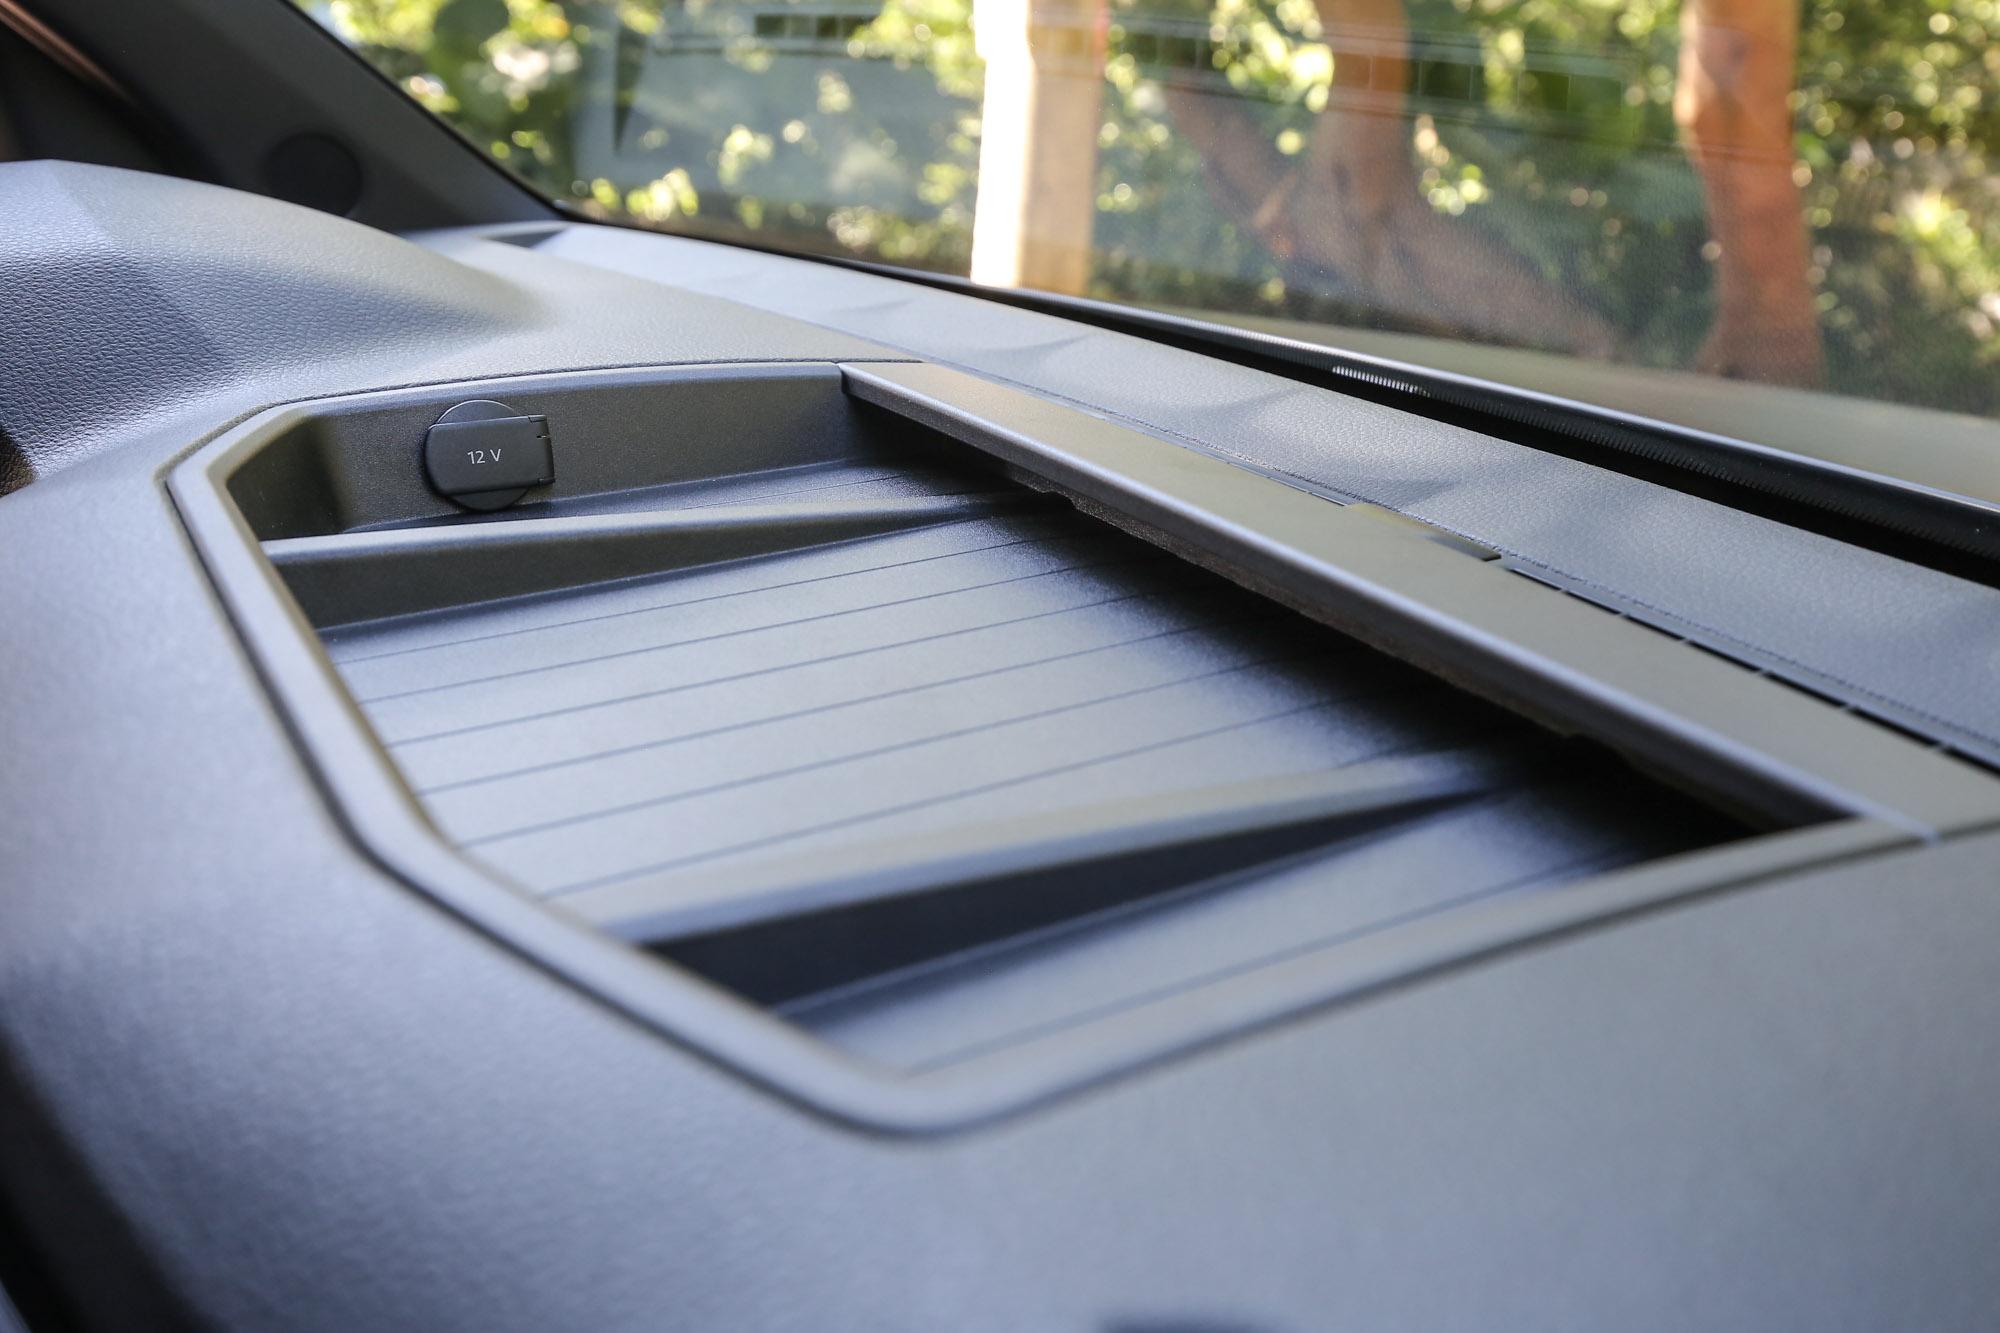 中控臺上的置物空間,並具備 12V 電源插座,對於額外加掛行車記錄器或衛星導航系統功能相當便利。